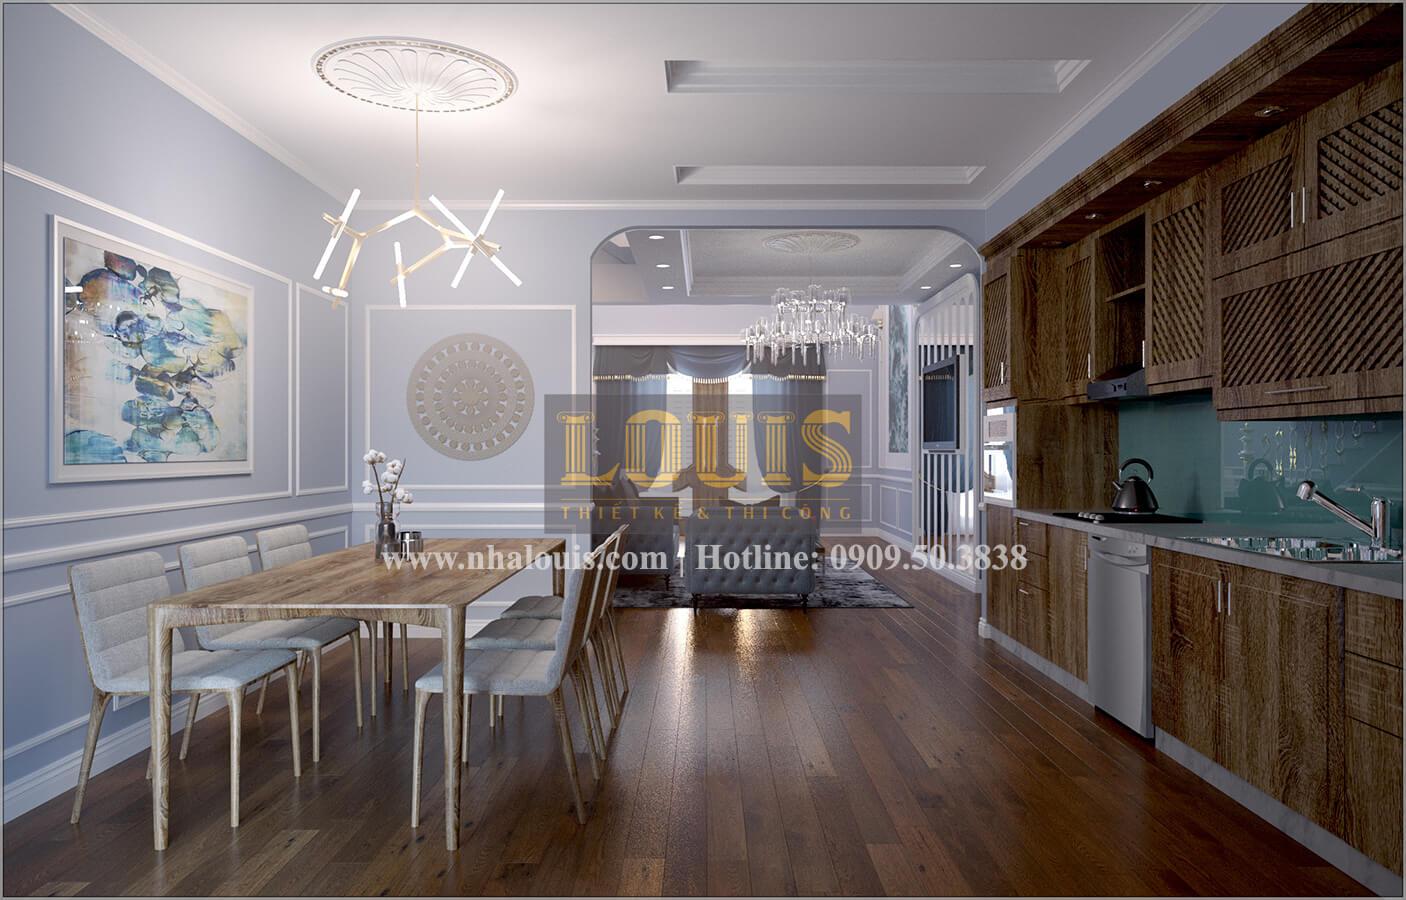 Phòng bếp và phòng ăn thiết kế nhà liền kề đẹpcổđiển liền kề tại Bình Dương